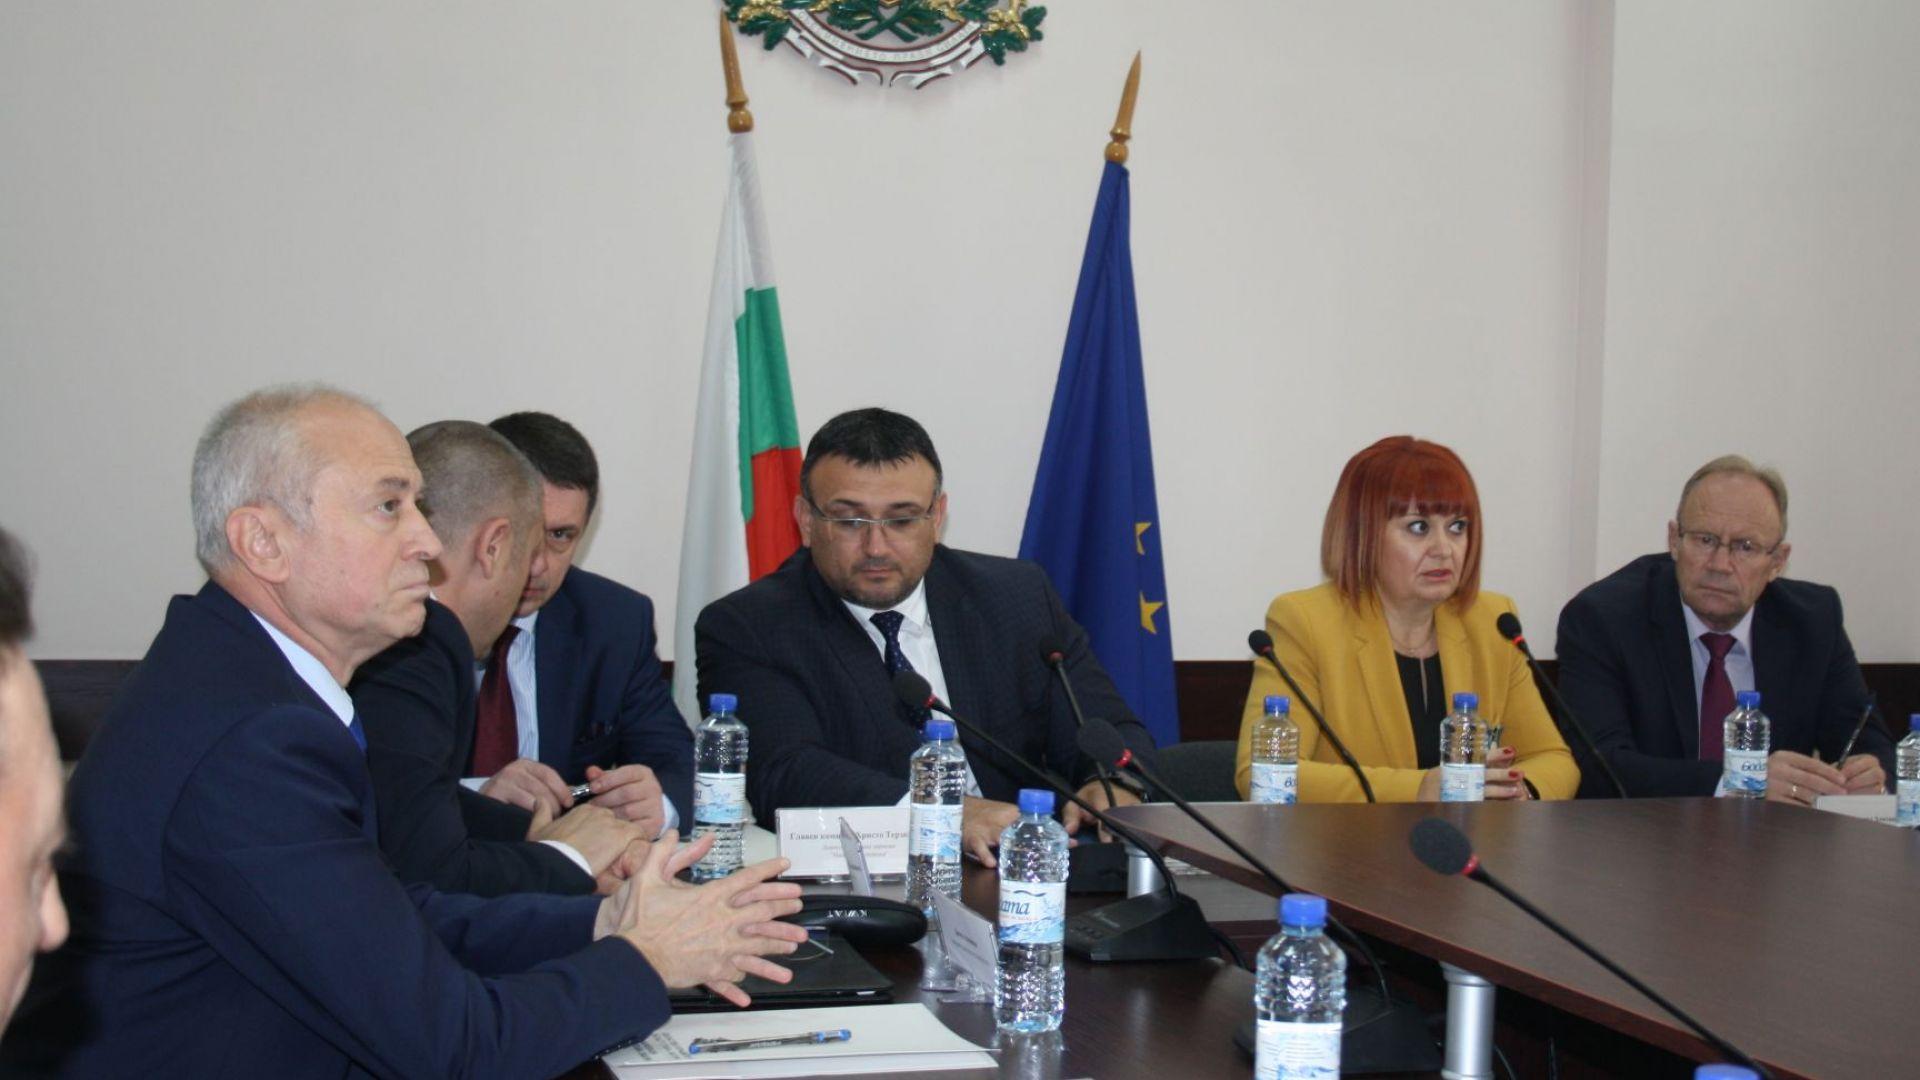 Младен Маринов обяви мерките, с които ще бори престъпността